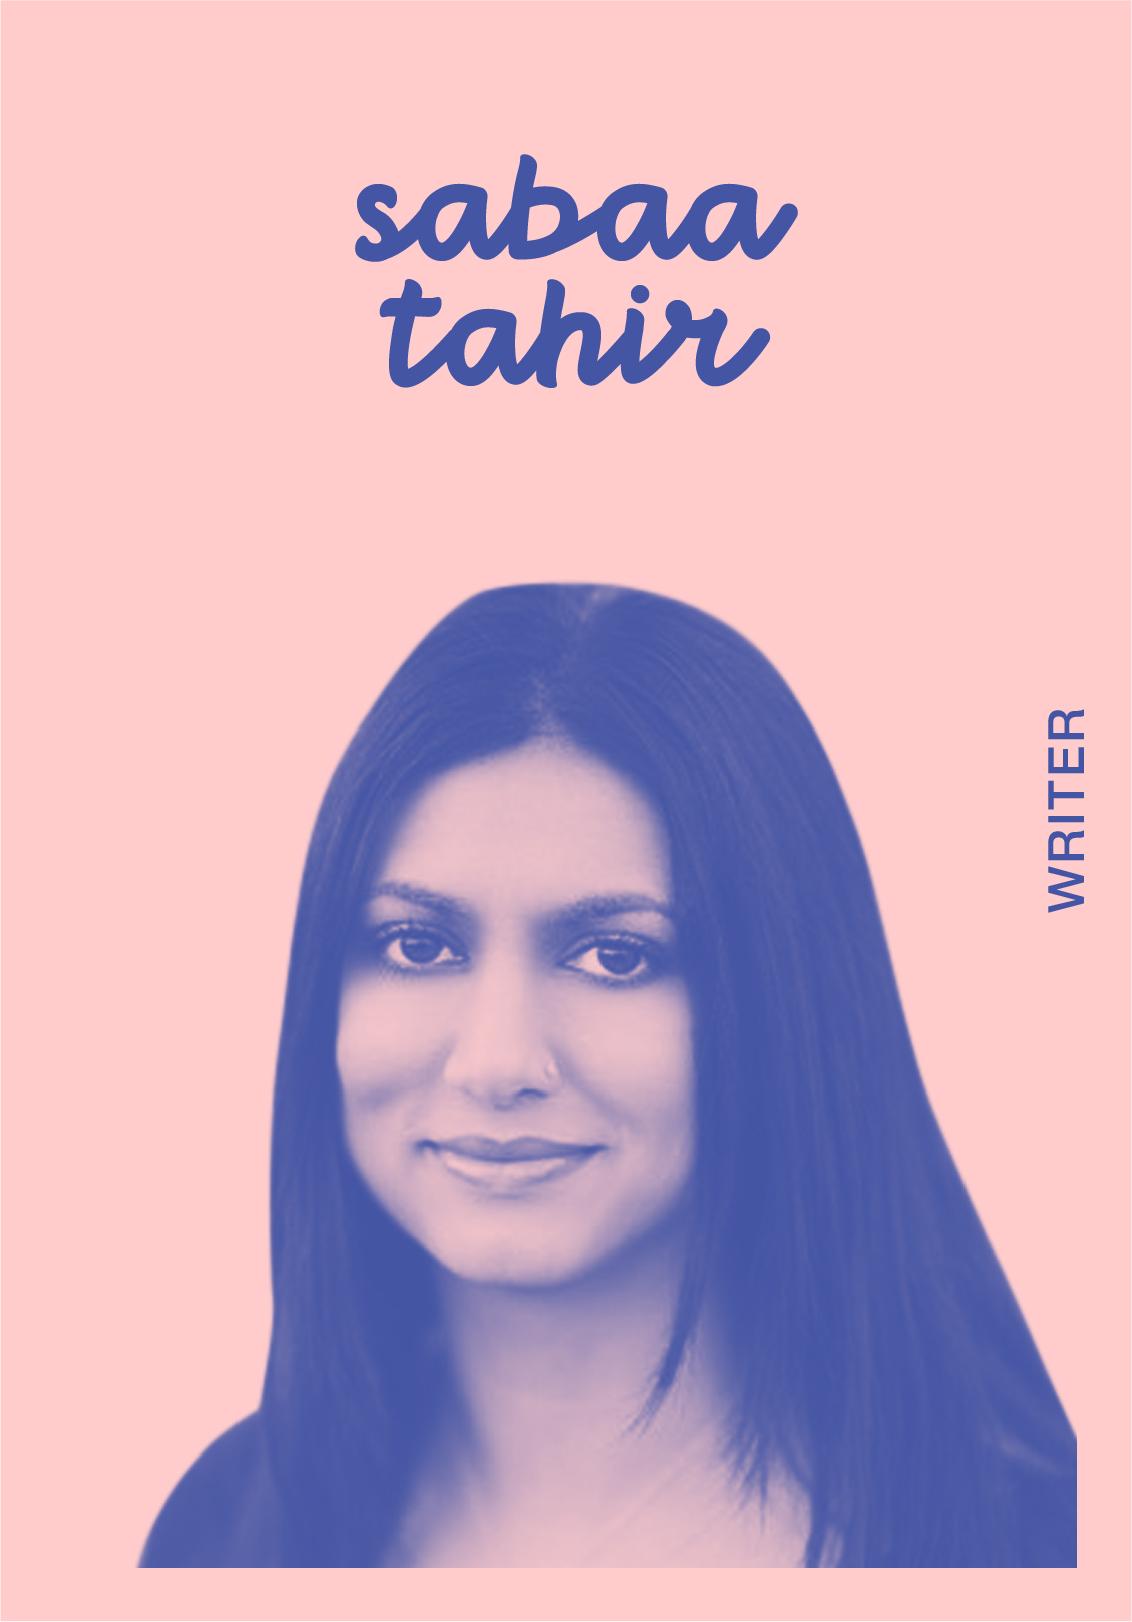 SABAA TAHIR   WEBSITE   @SABAATAHIR   IG: SABAATAHIR